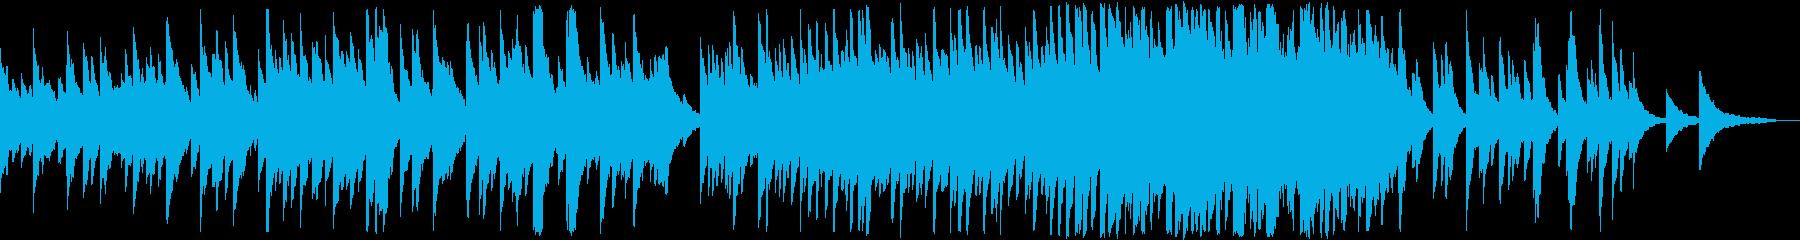 夕暮れの風情を味わう情緒溢れるエレピ曲の再生済みの波形